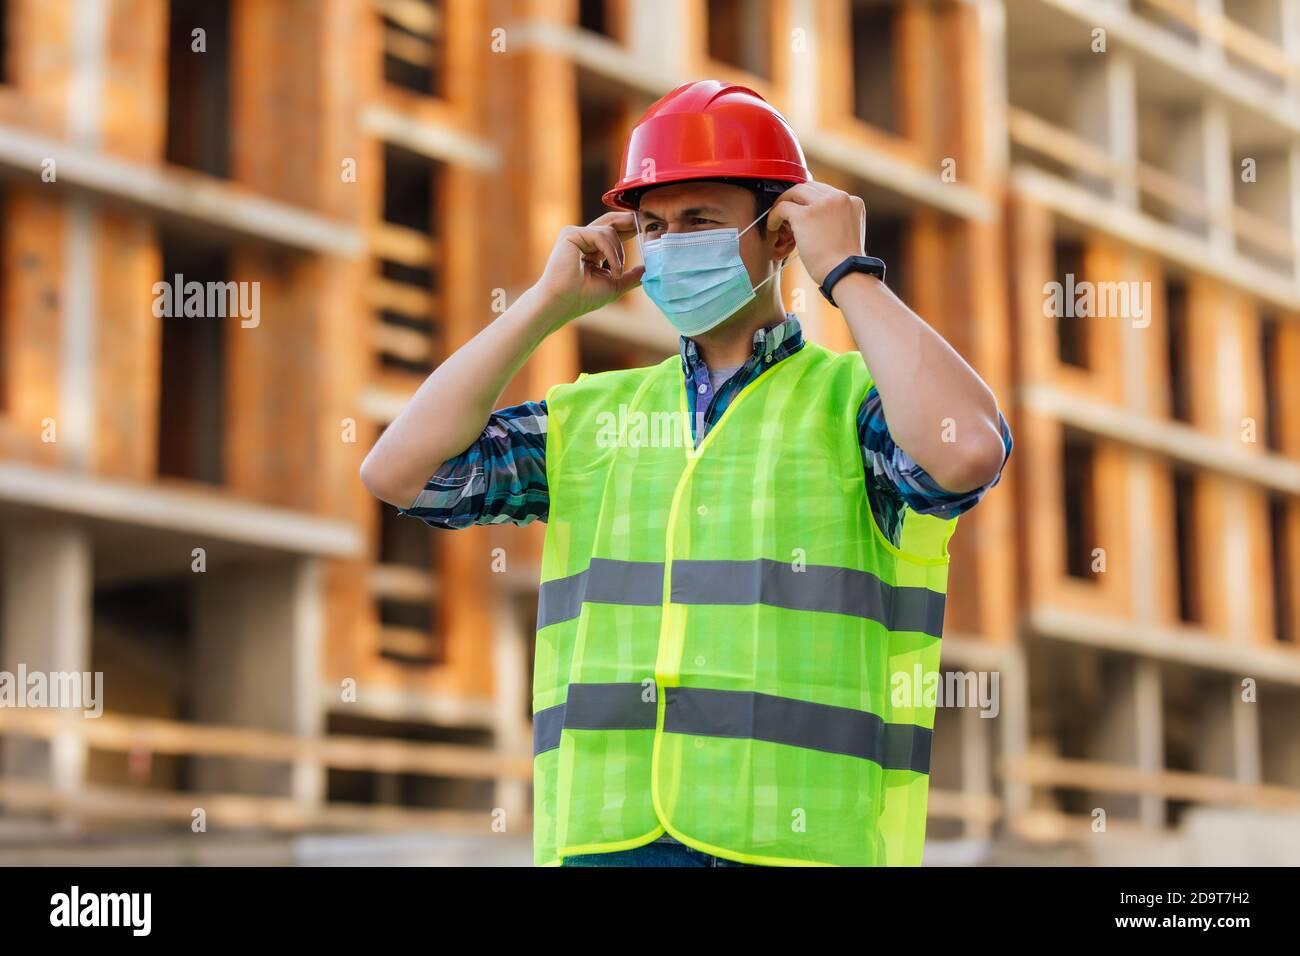 Ingénieur en casque de protection et masque médical sur le chantier de construction au cours de l'épidémie de coronavirus Banque D'Images